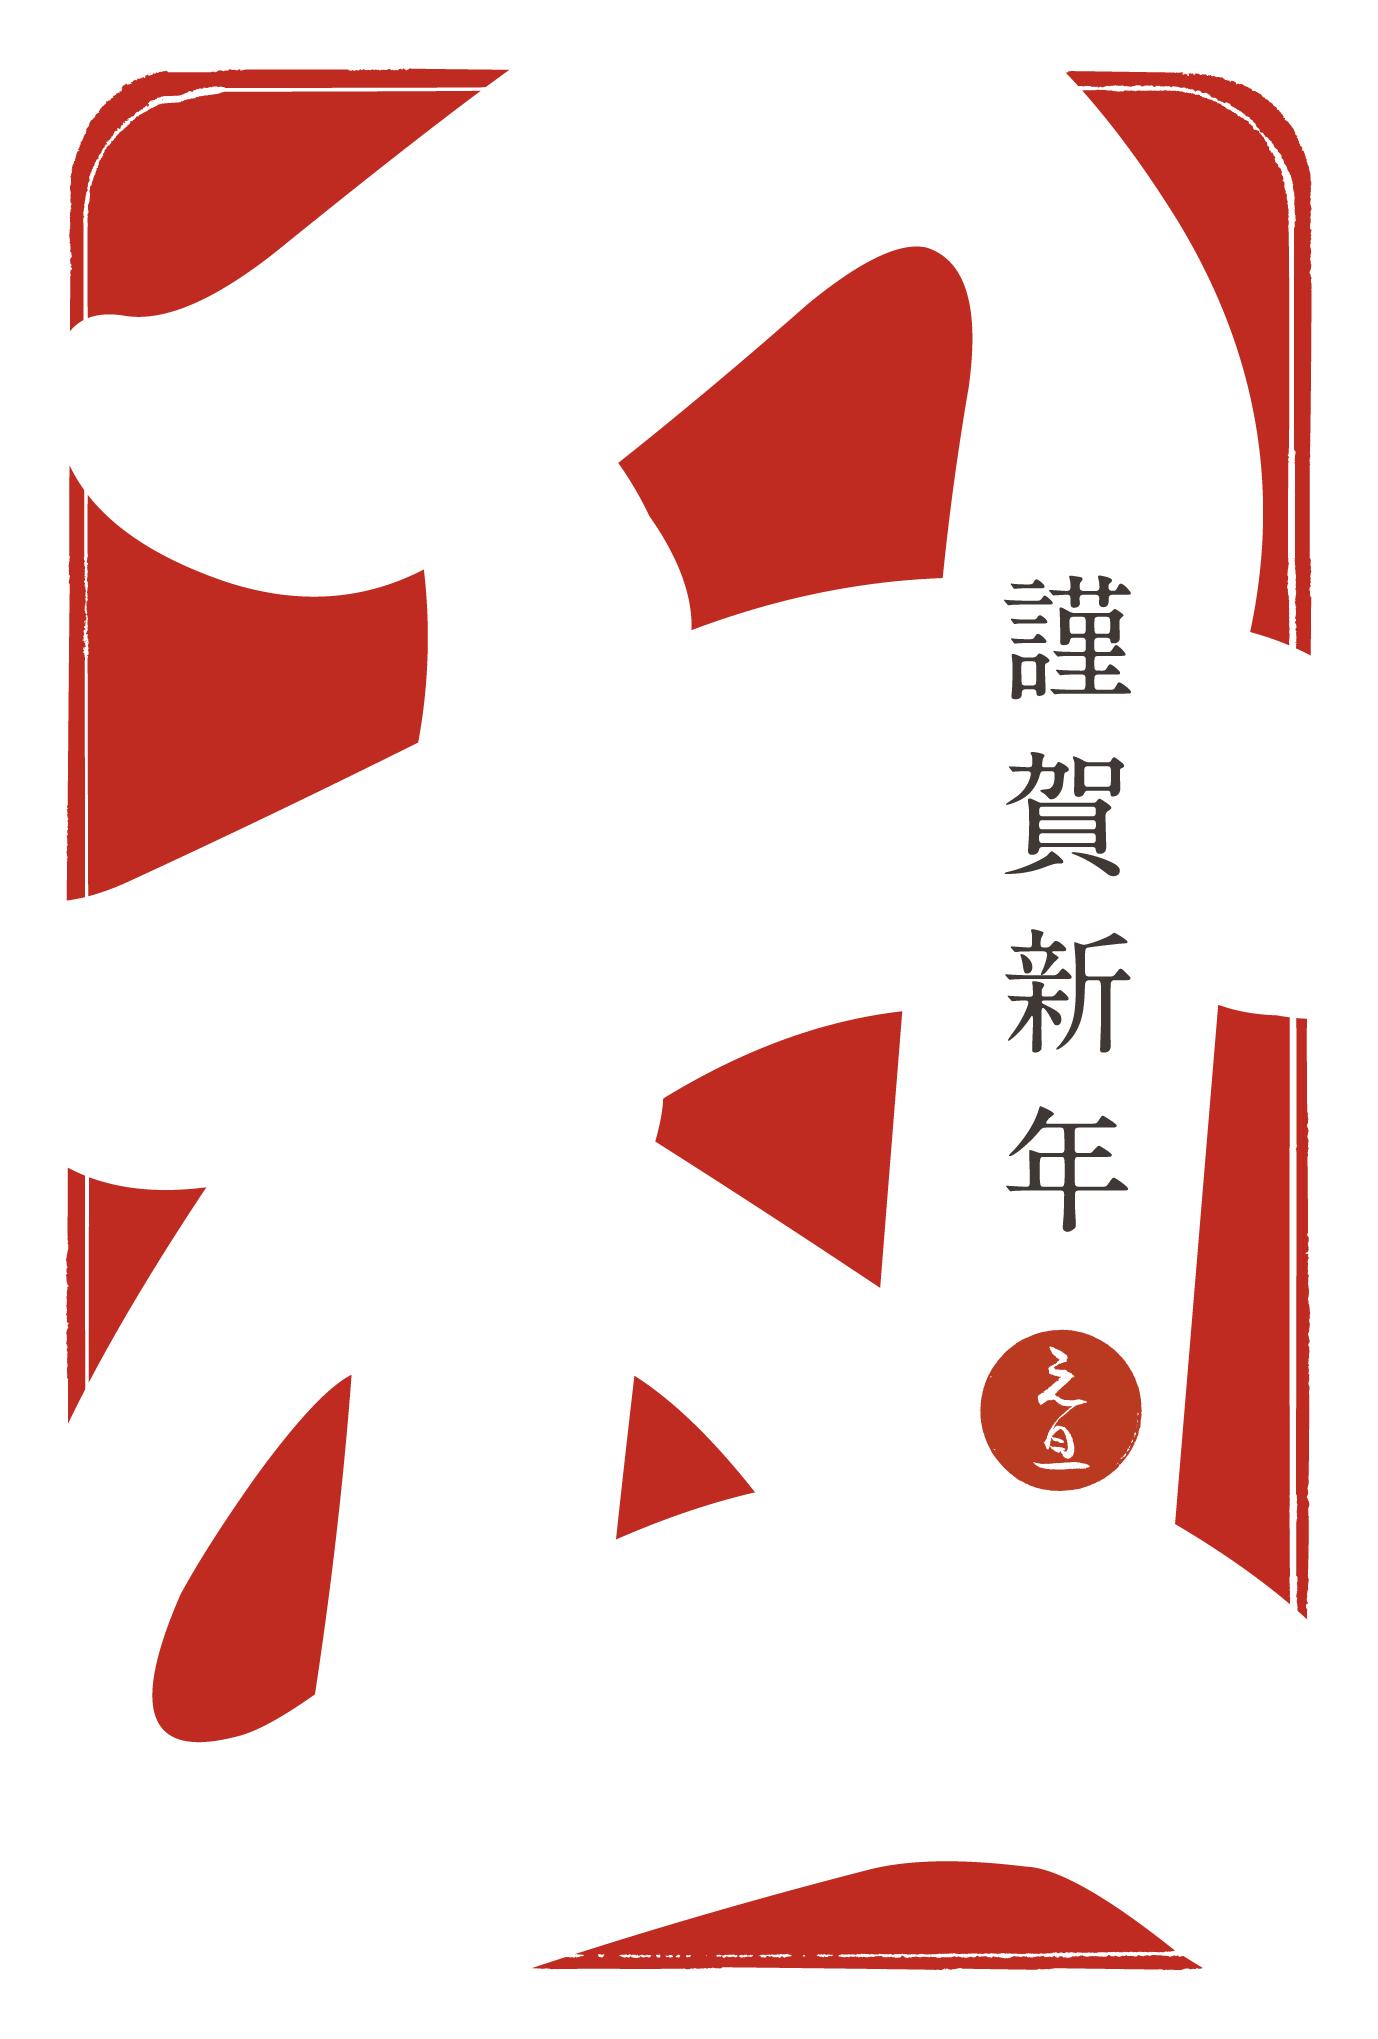 2021年賀状02-1:江戸勘亭流(丑)赤のダウンロード画像